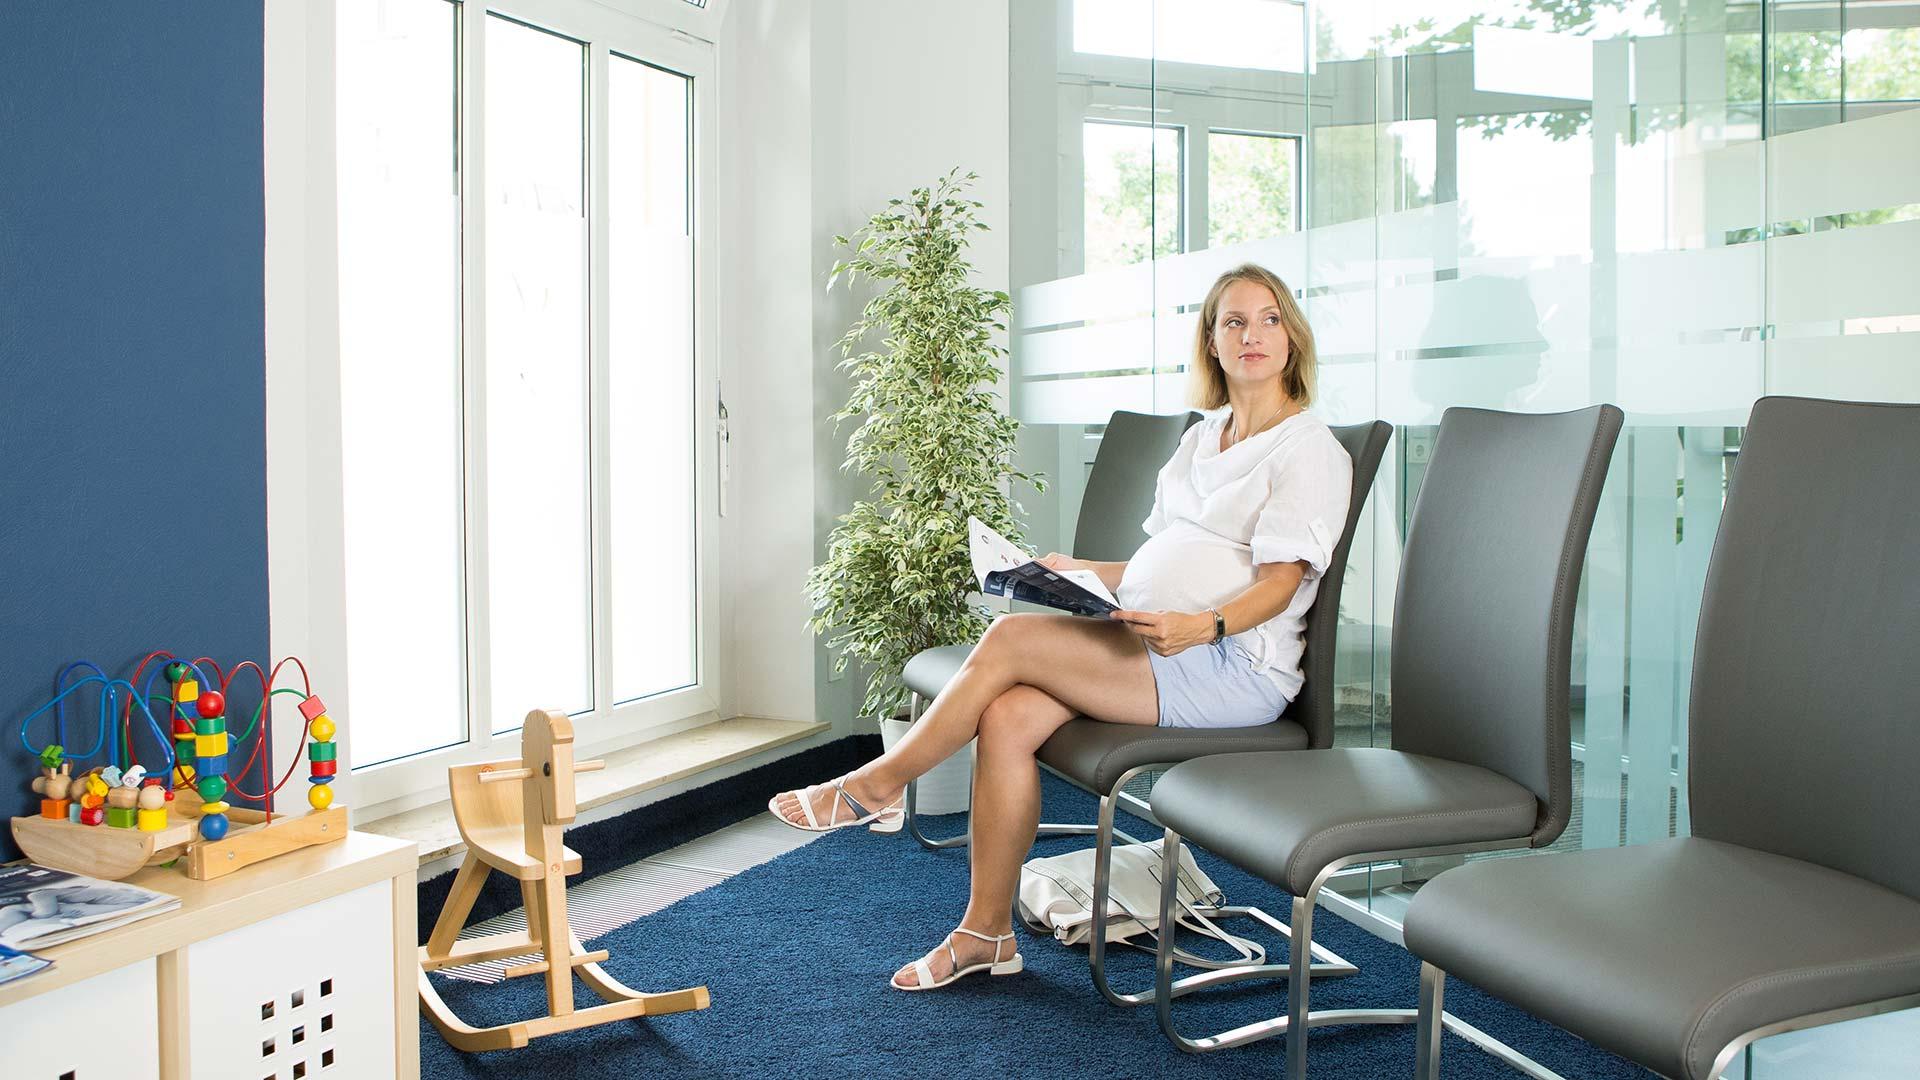 Frauenarztpraxis Semmler - Wartezimmer